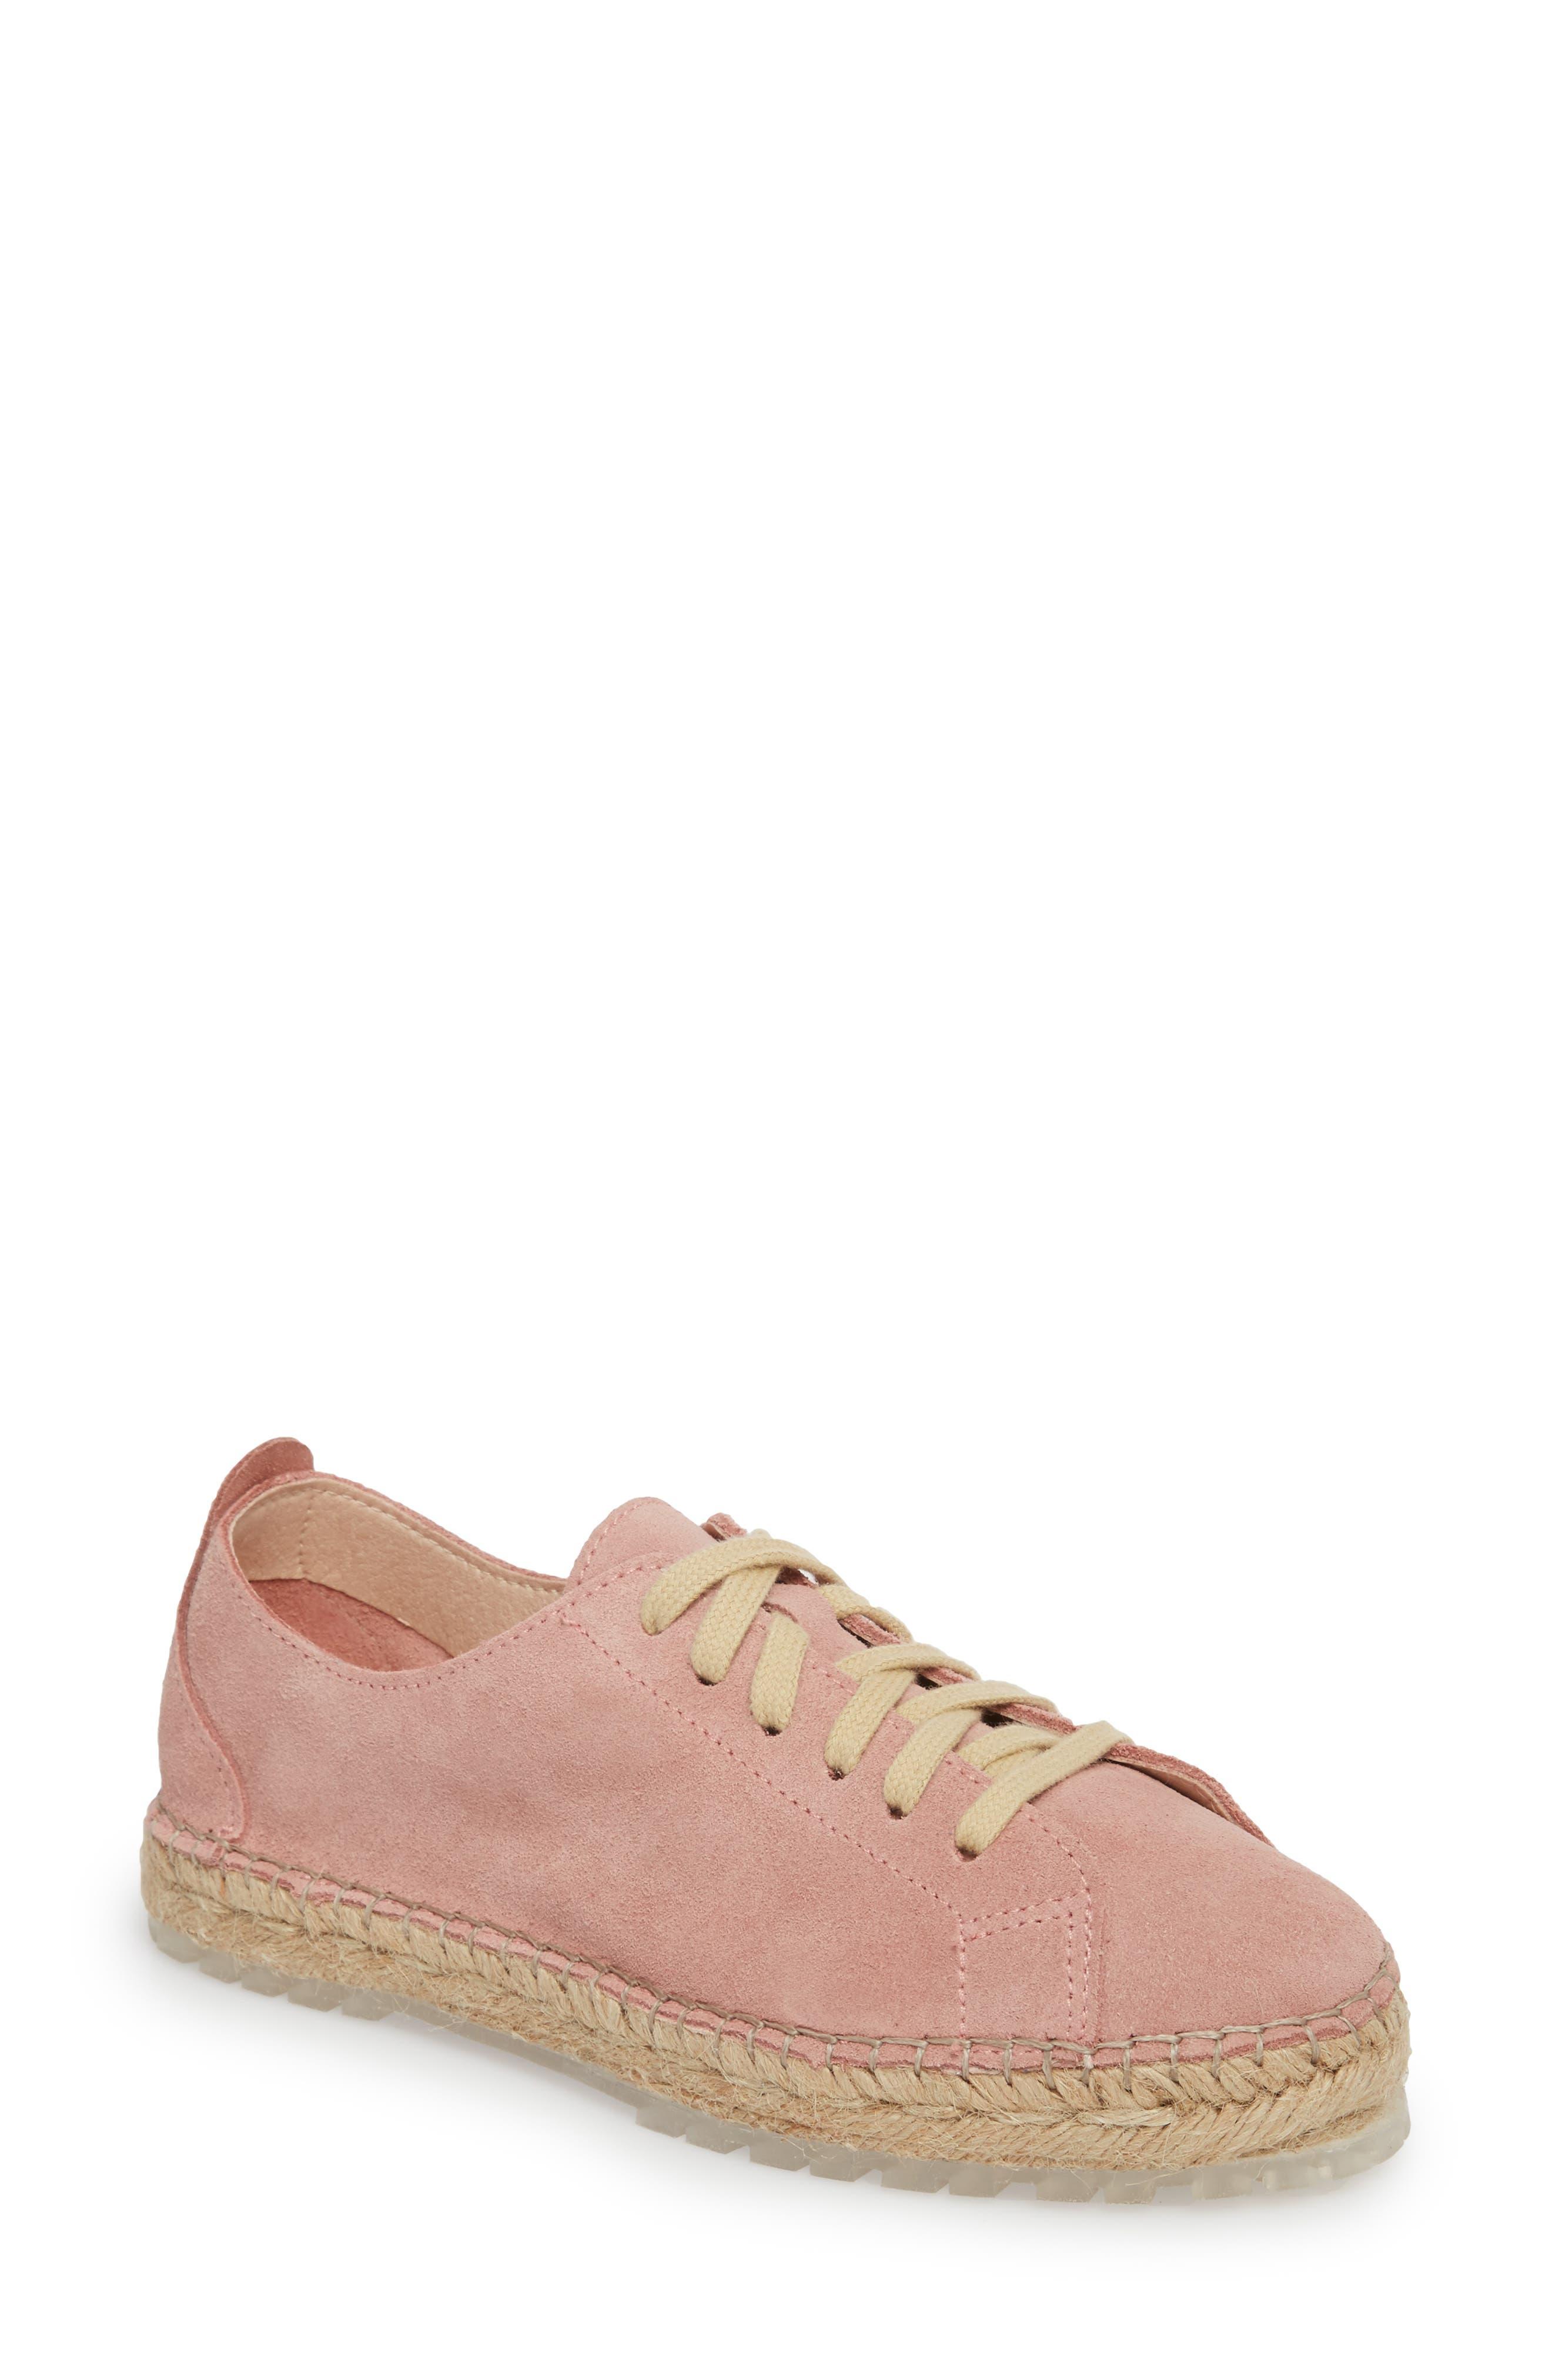 Kenneth Cole New York Zane Espadrille Sneaker (Women)